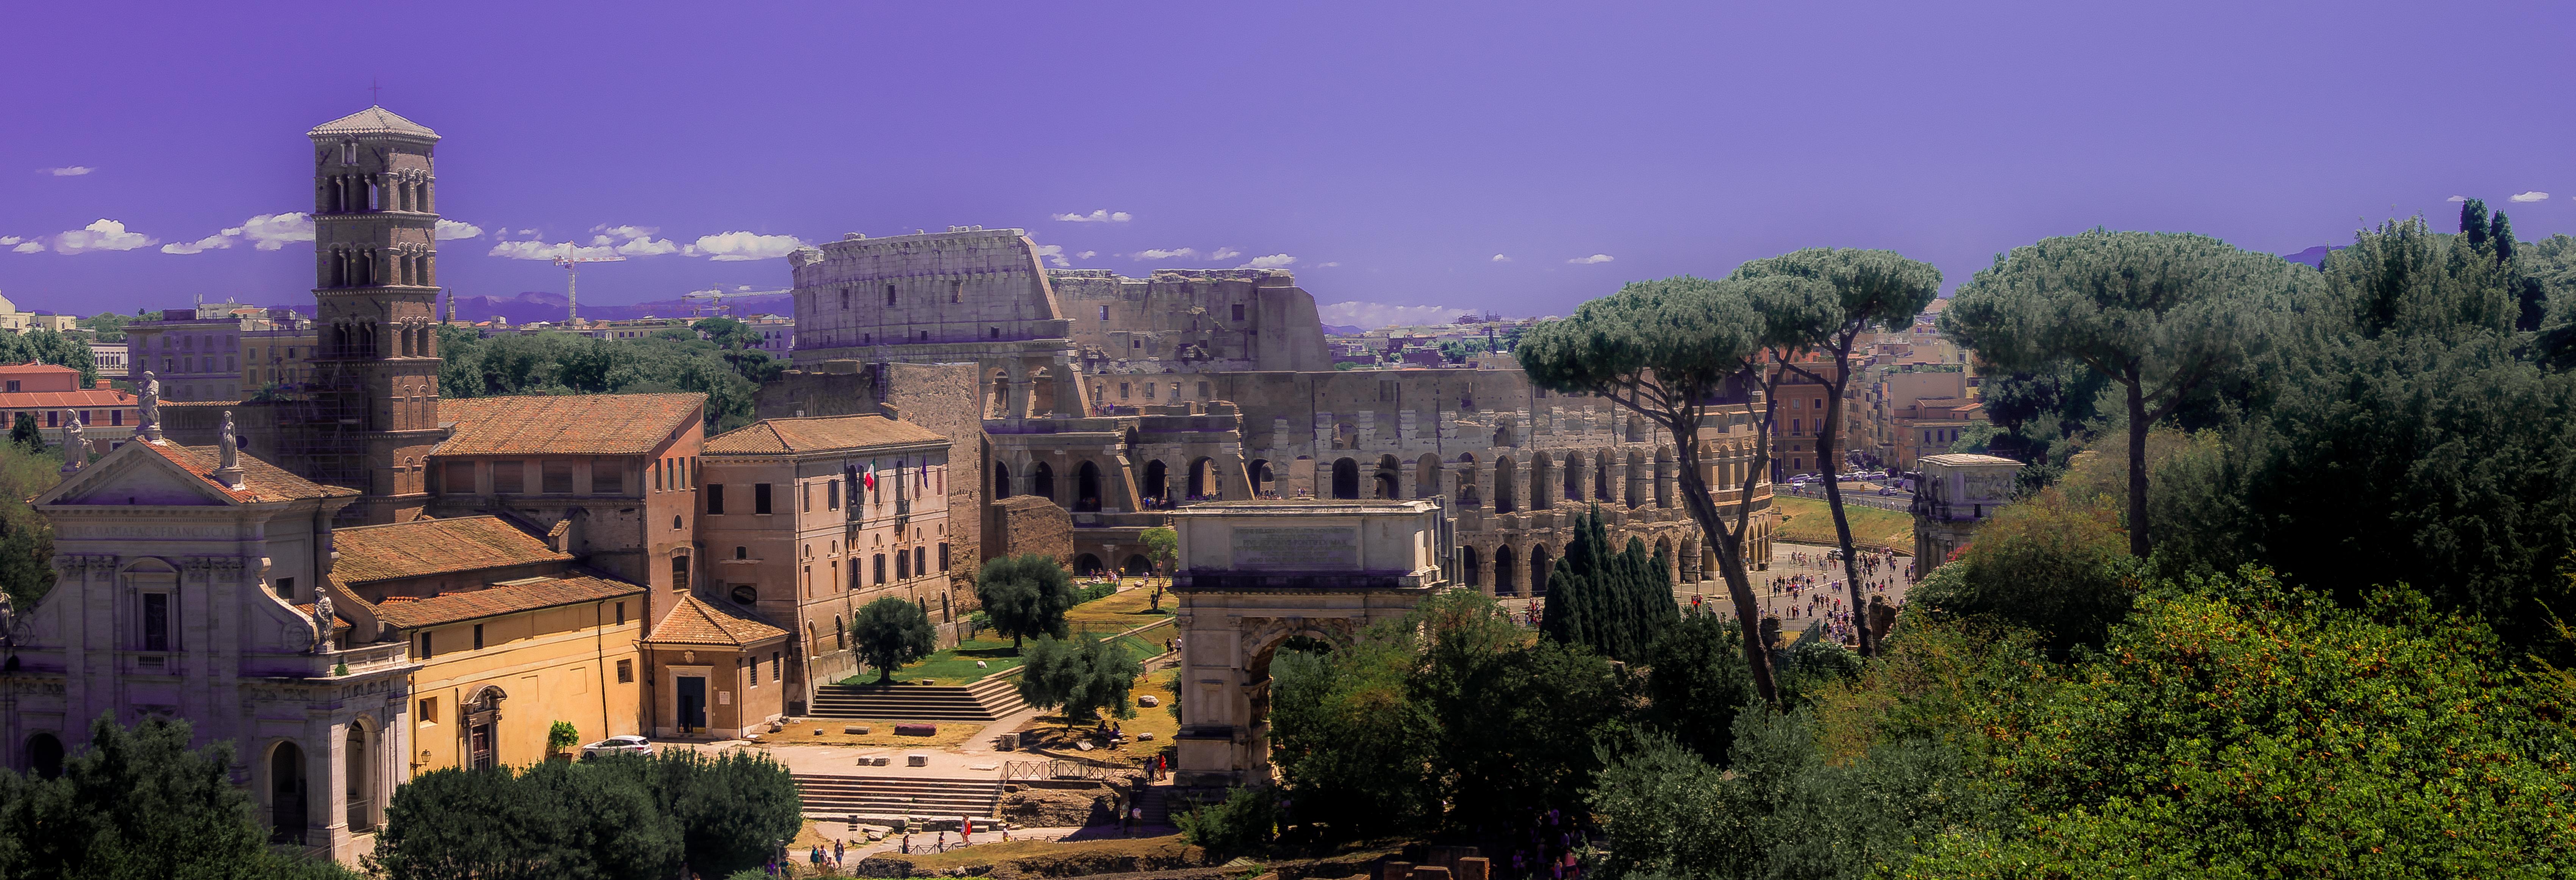 Колизей, форум, Рим